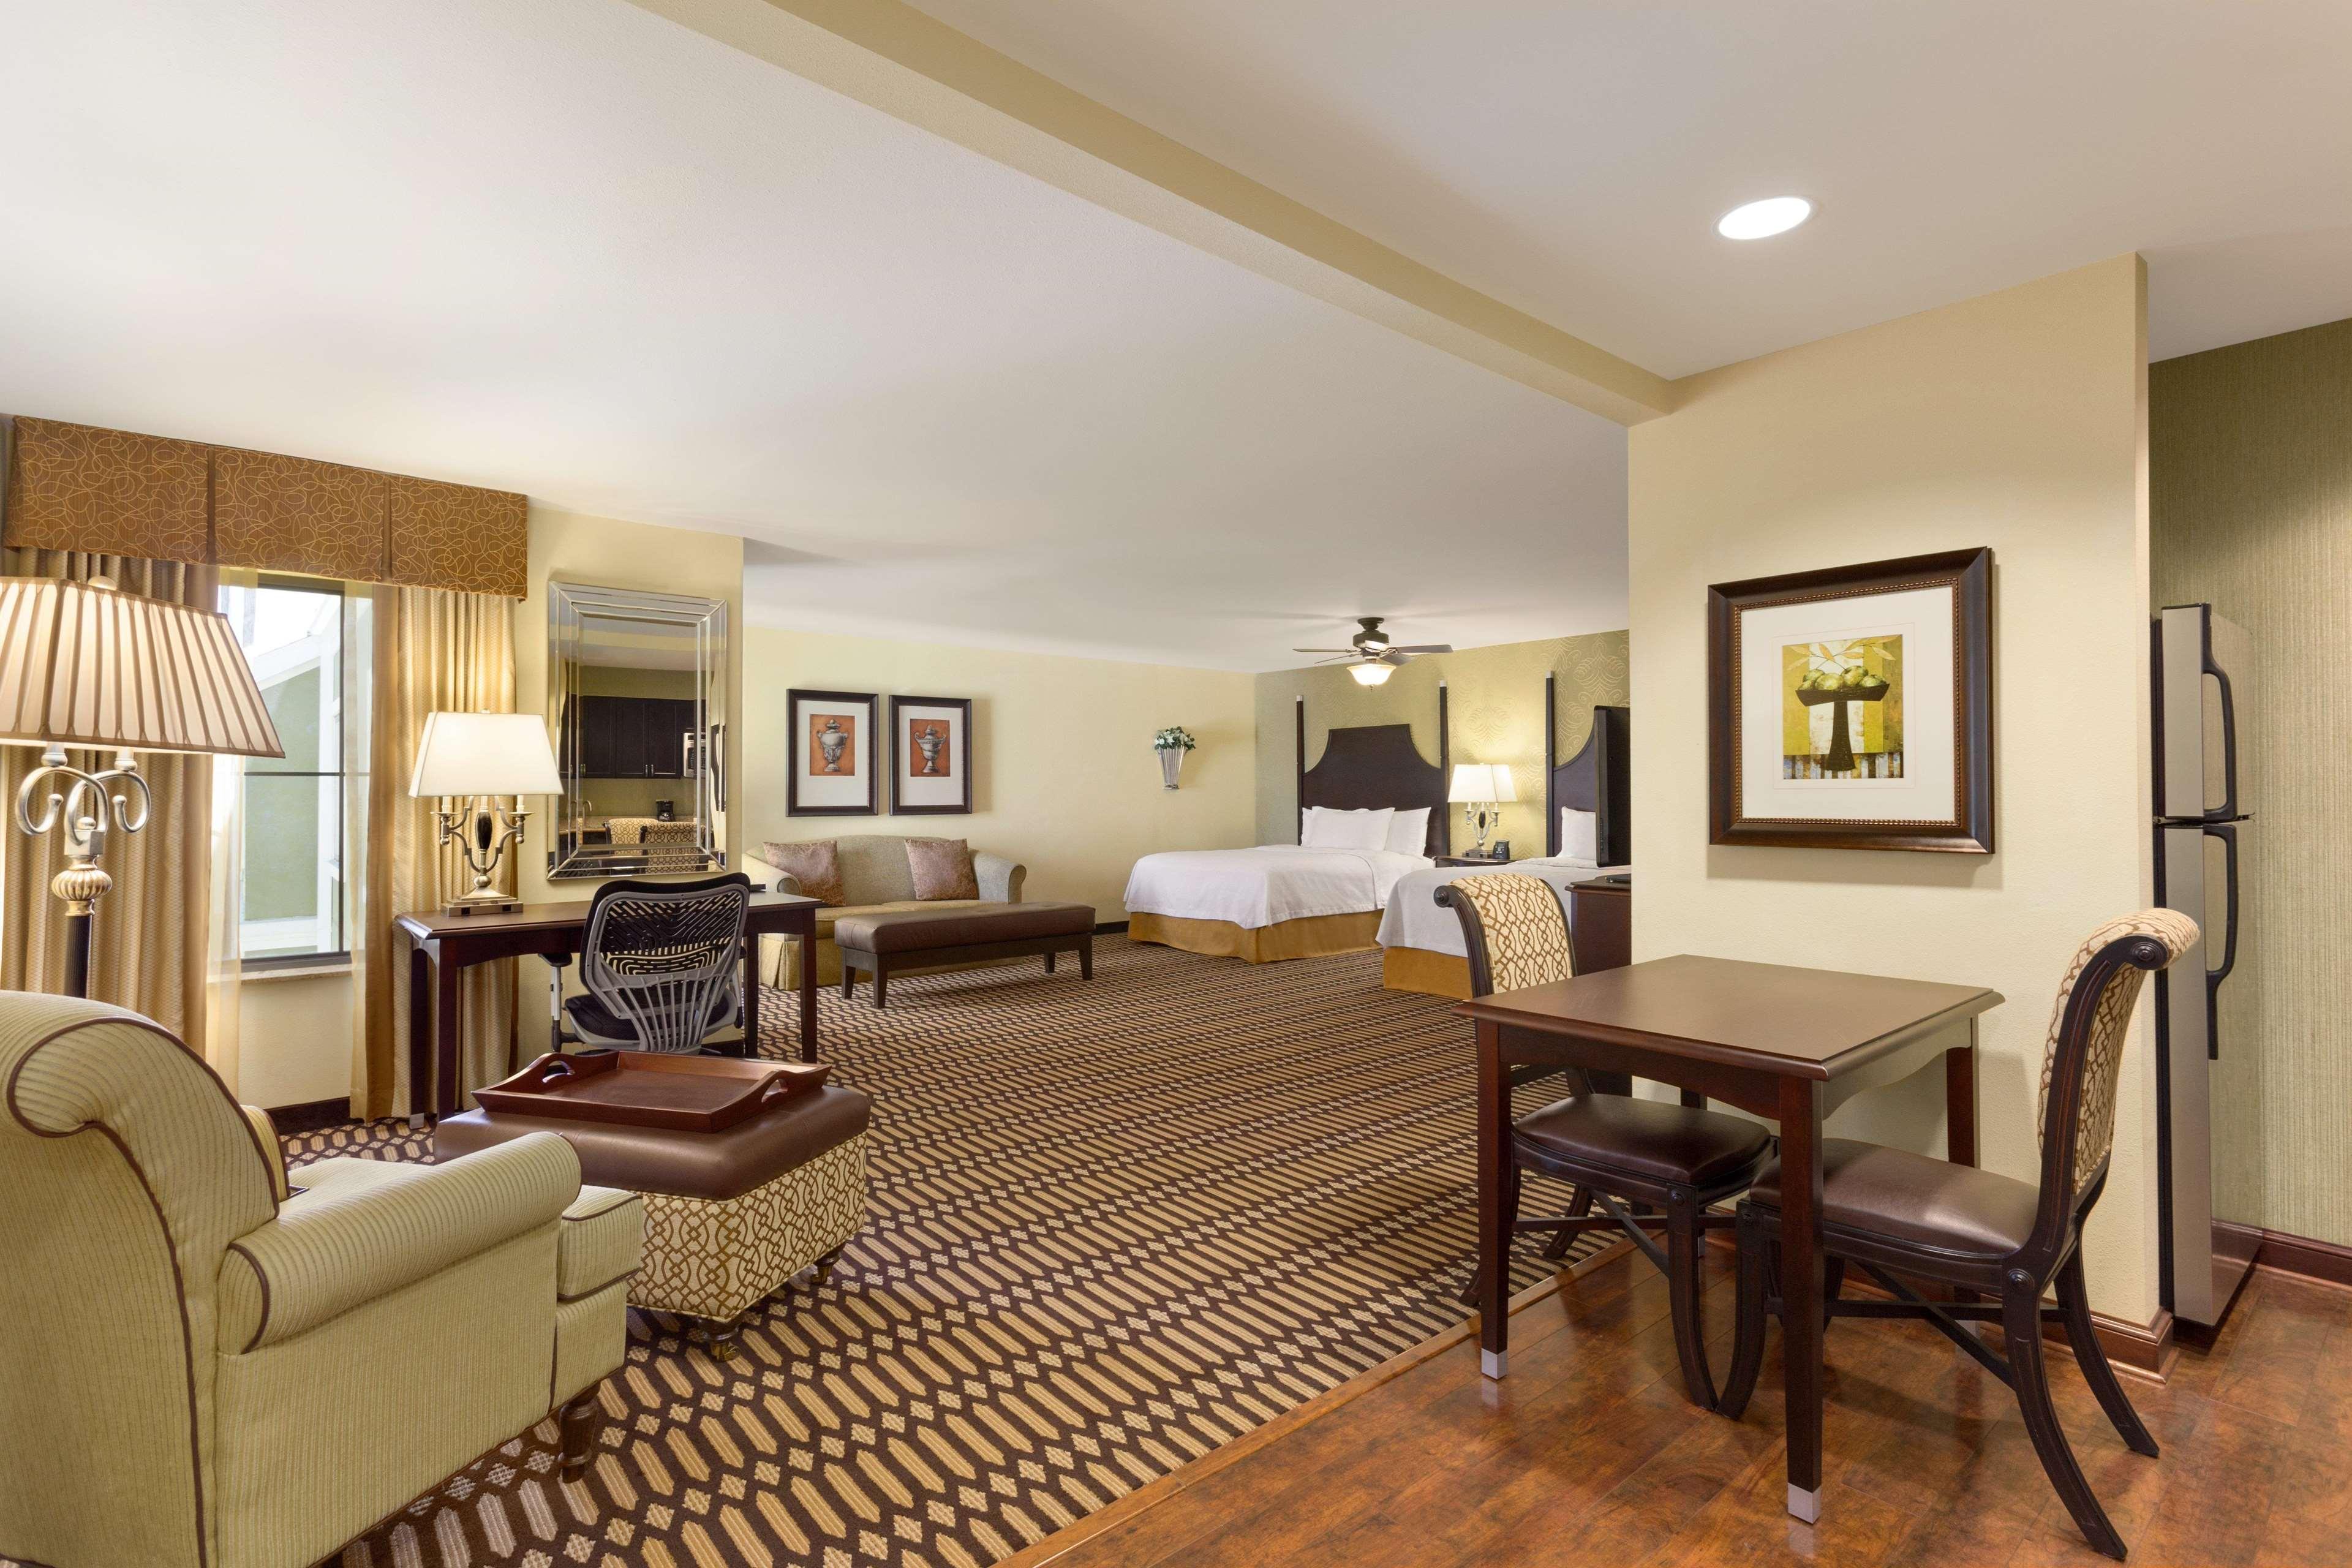 Homewood Suites by Hilton Lafayette-Airport, LA image 15